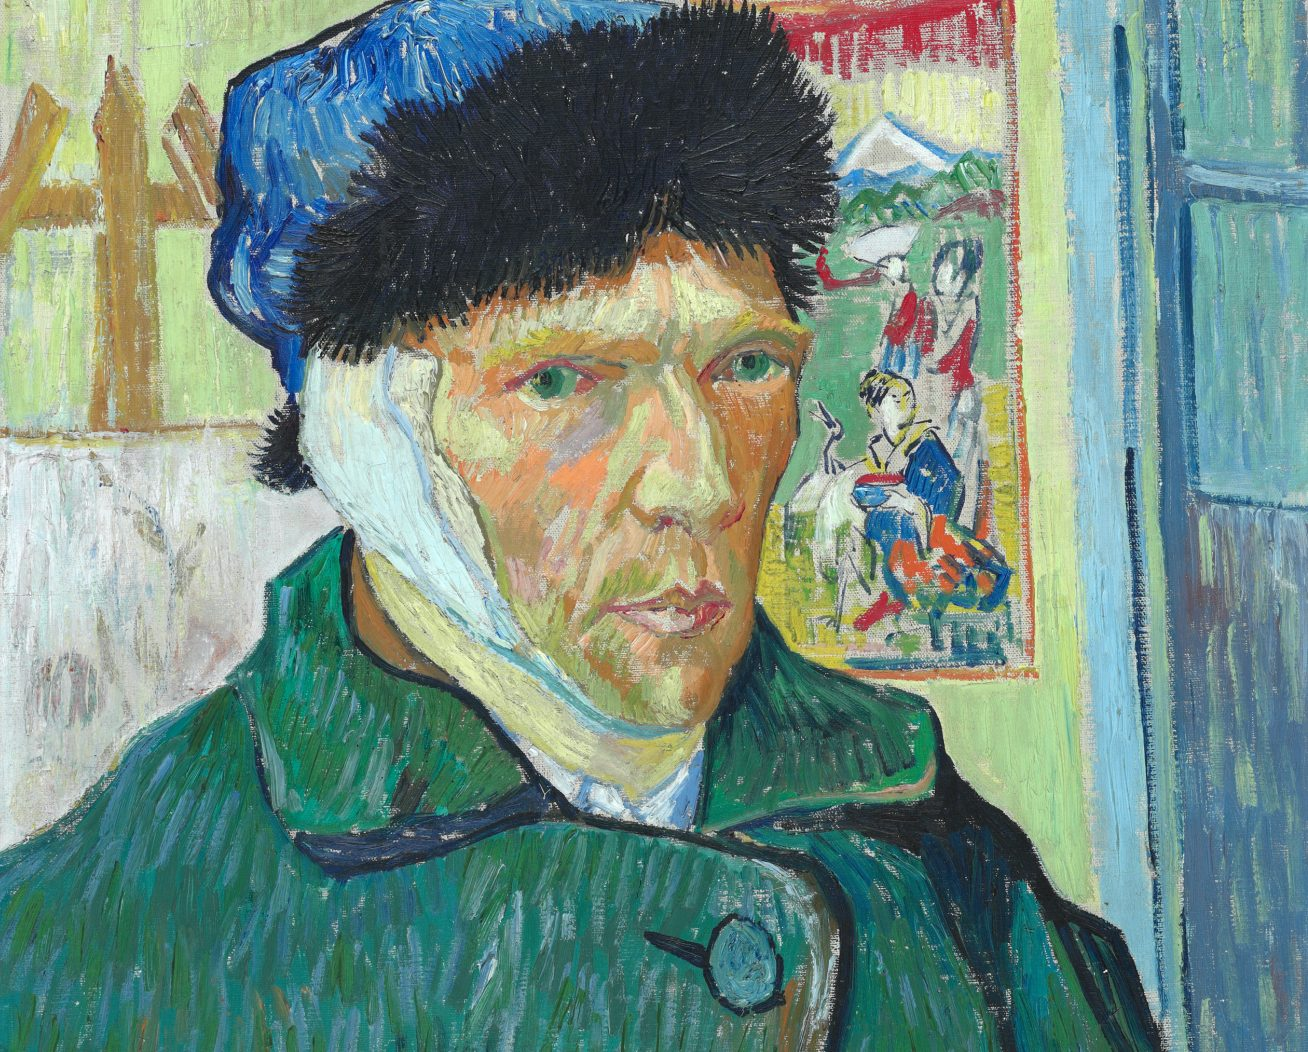 Vincent van Gogh, Autoportrait à l'oreille coupée, 1889, image via The Courtauld Institute of Art